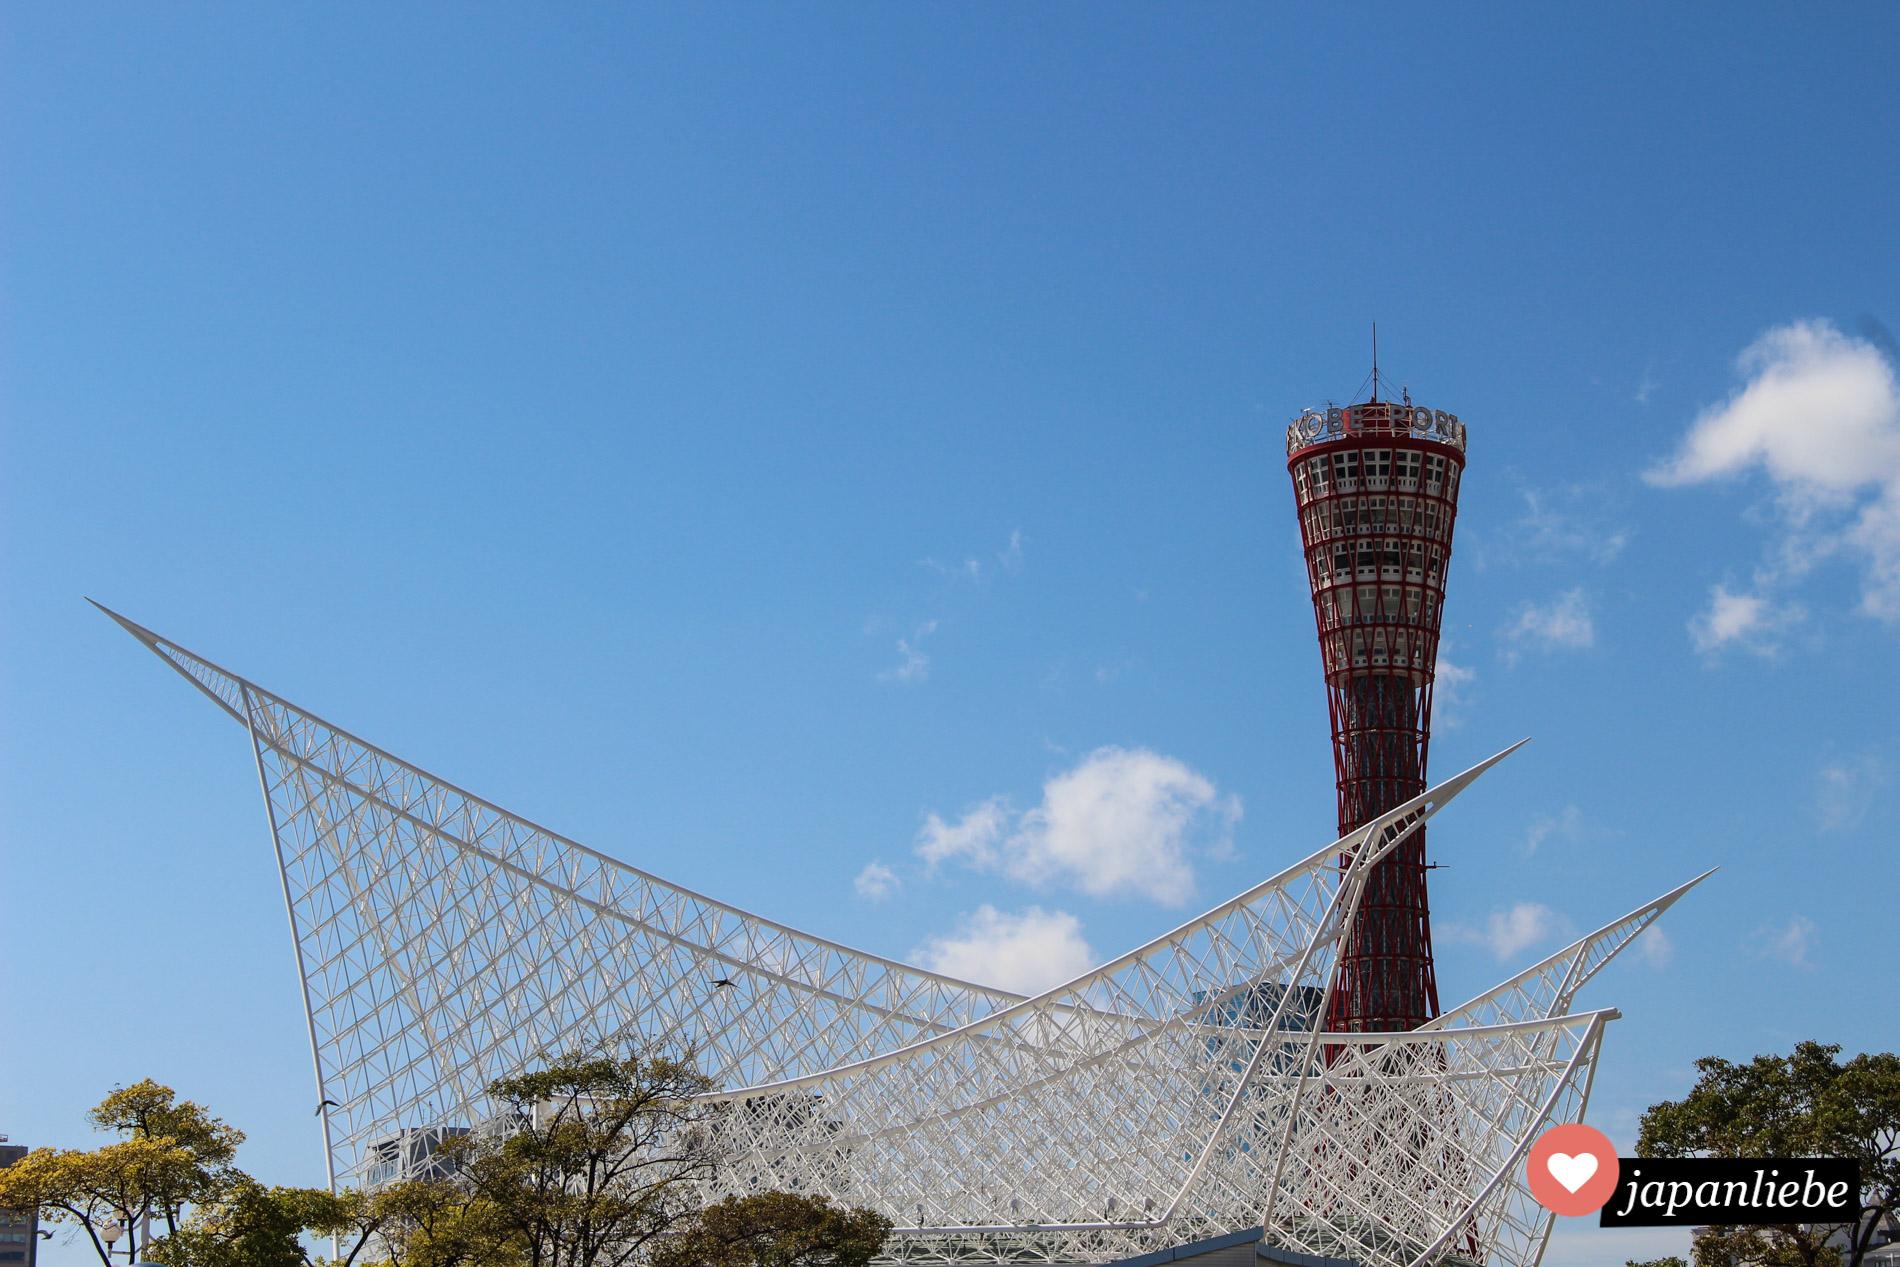 Der Kobe Tower und das Maritime Museum, dessen Dachkonstruktion an das Segel eines Schiffes erinnert.